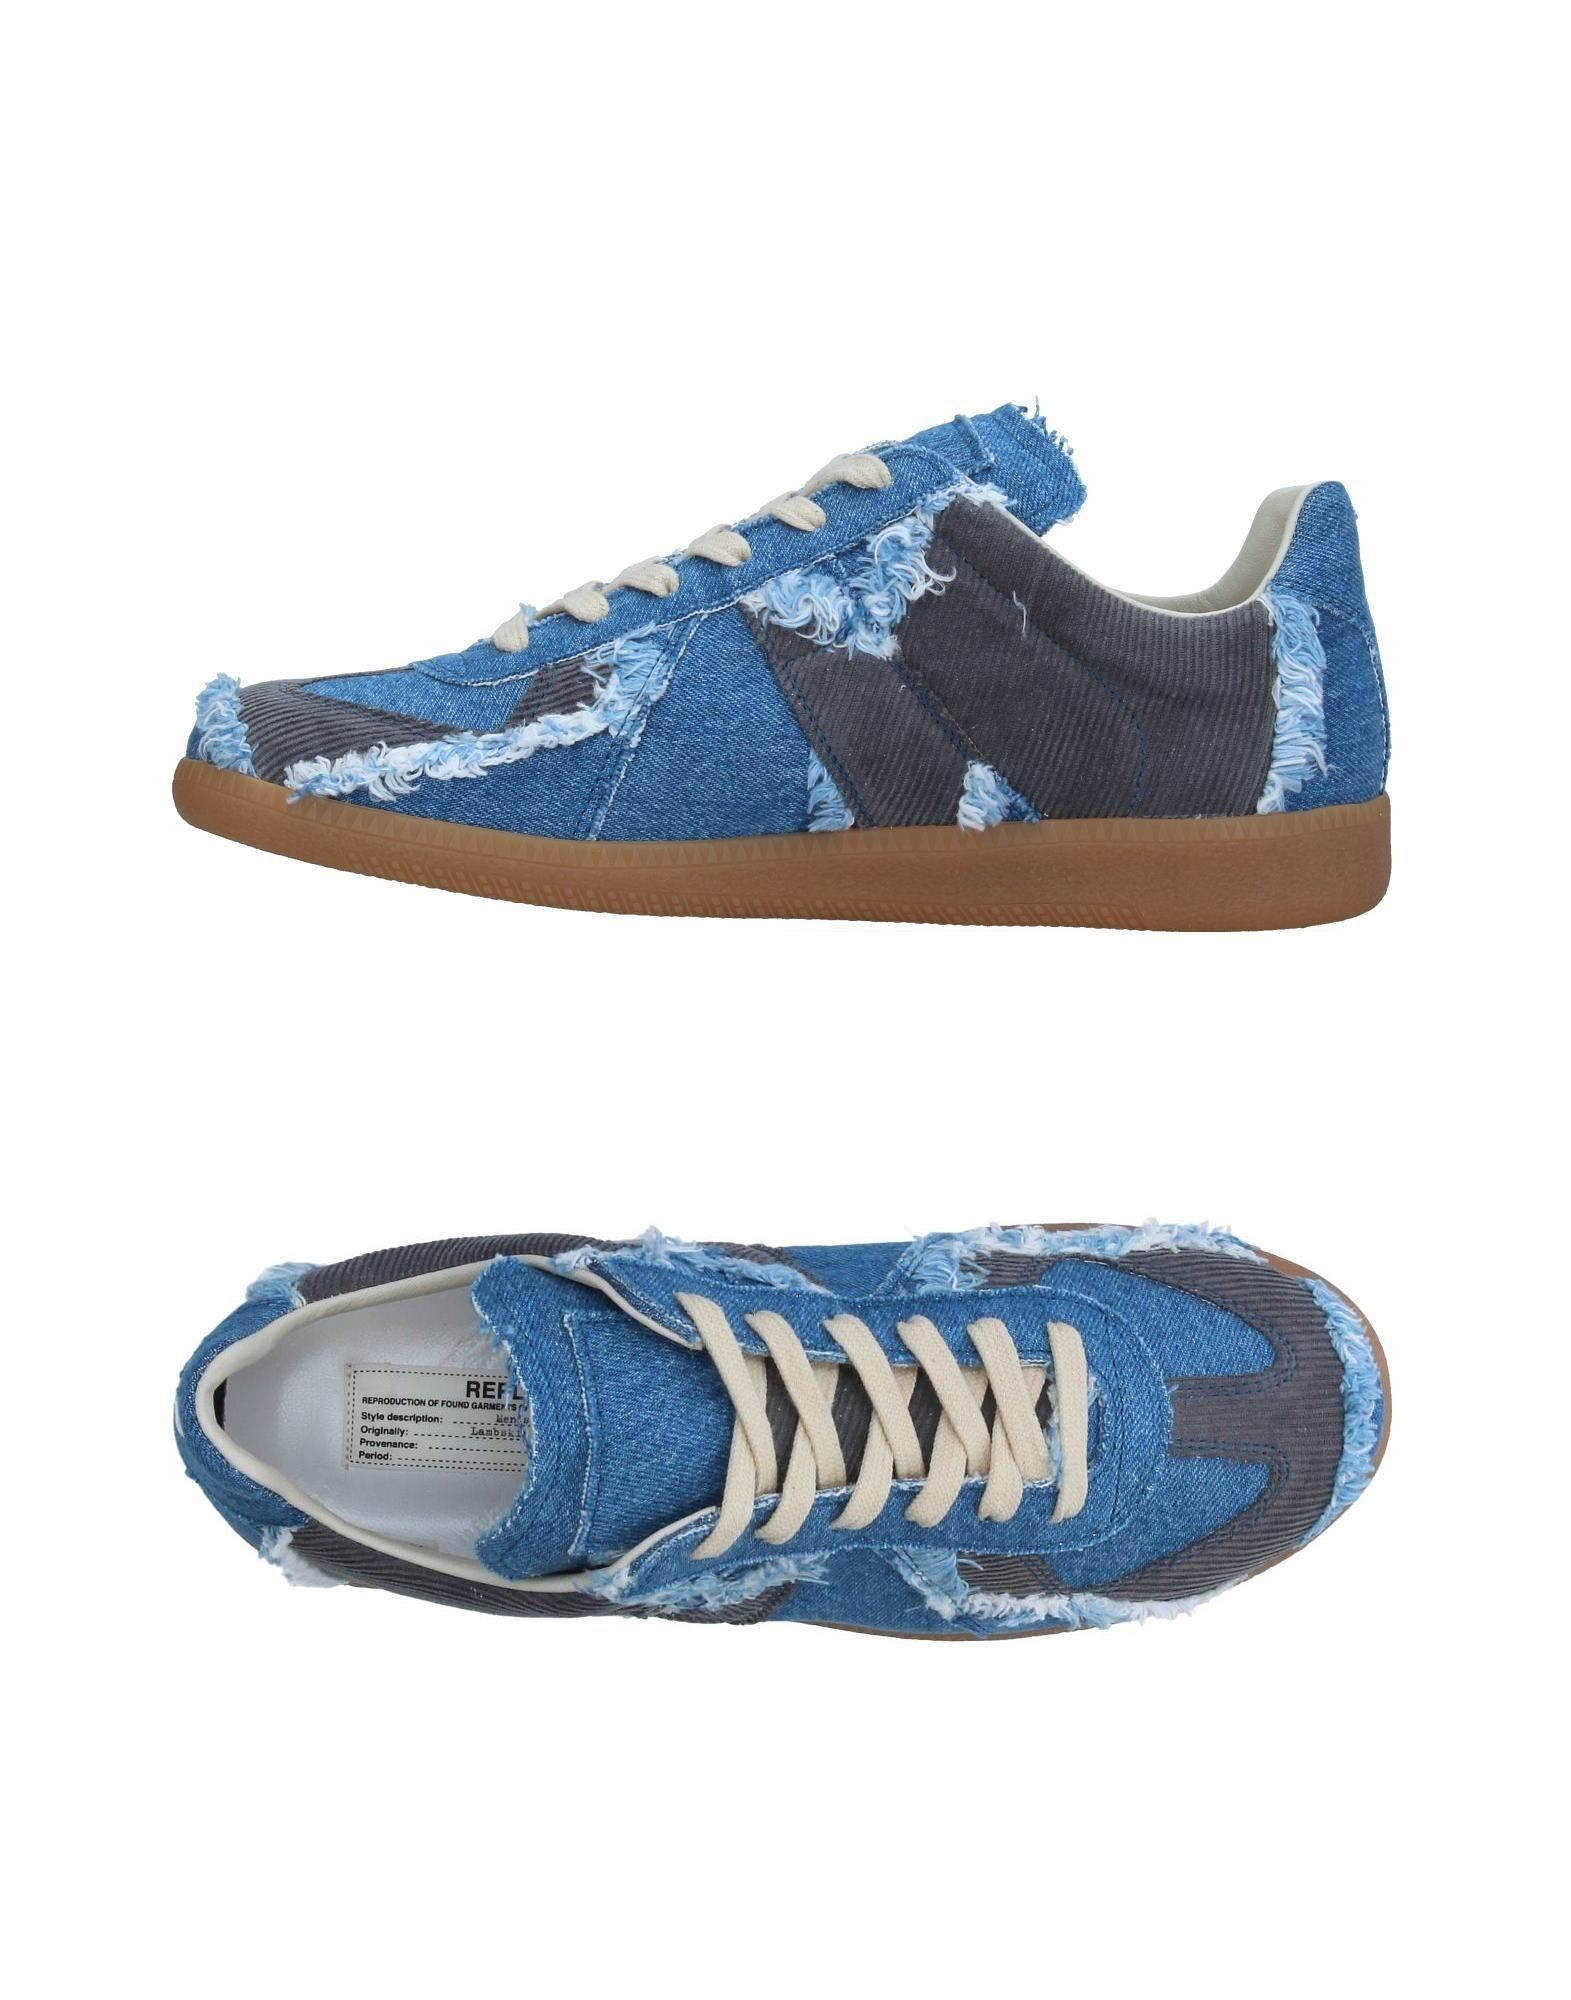 Maison Margiela Sneakers Herren  Schuhe 11352246MM Gute Qualität beliebte Schuhe  ff866c